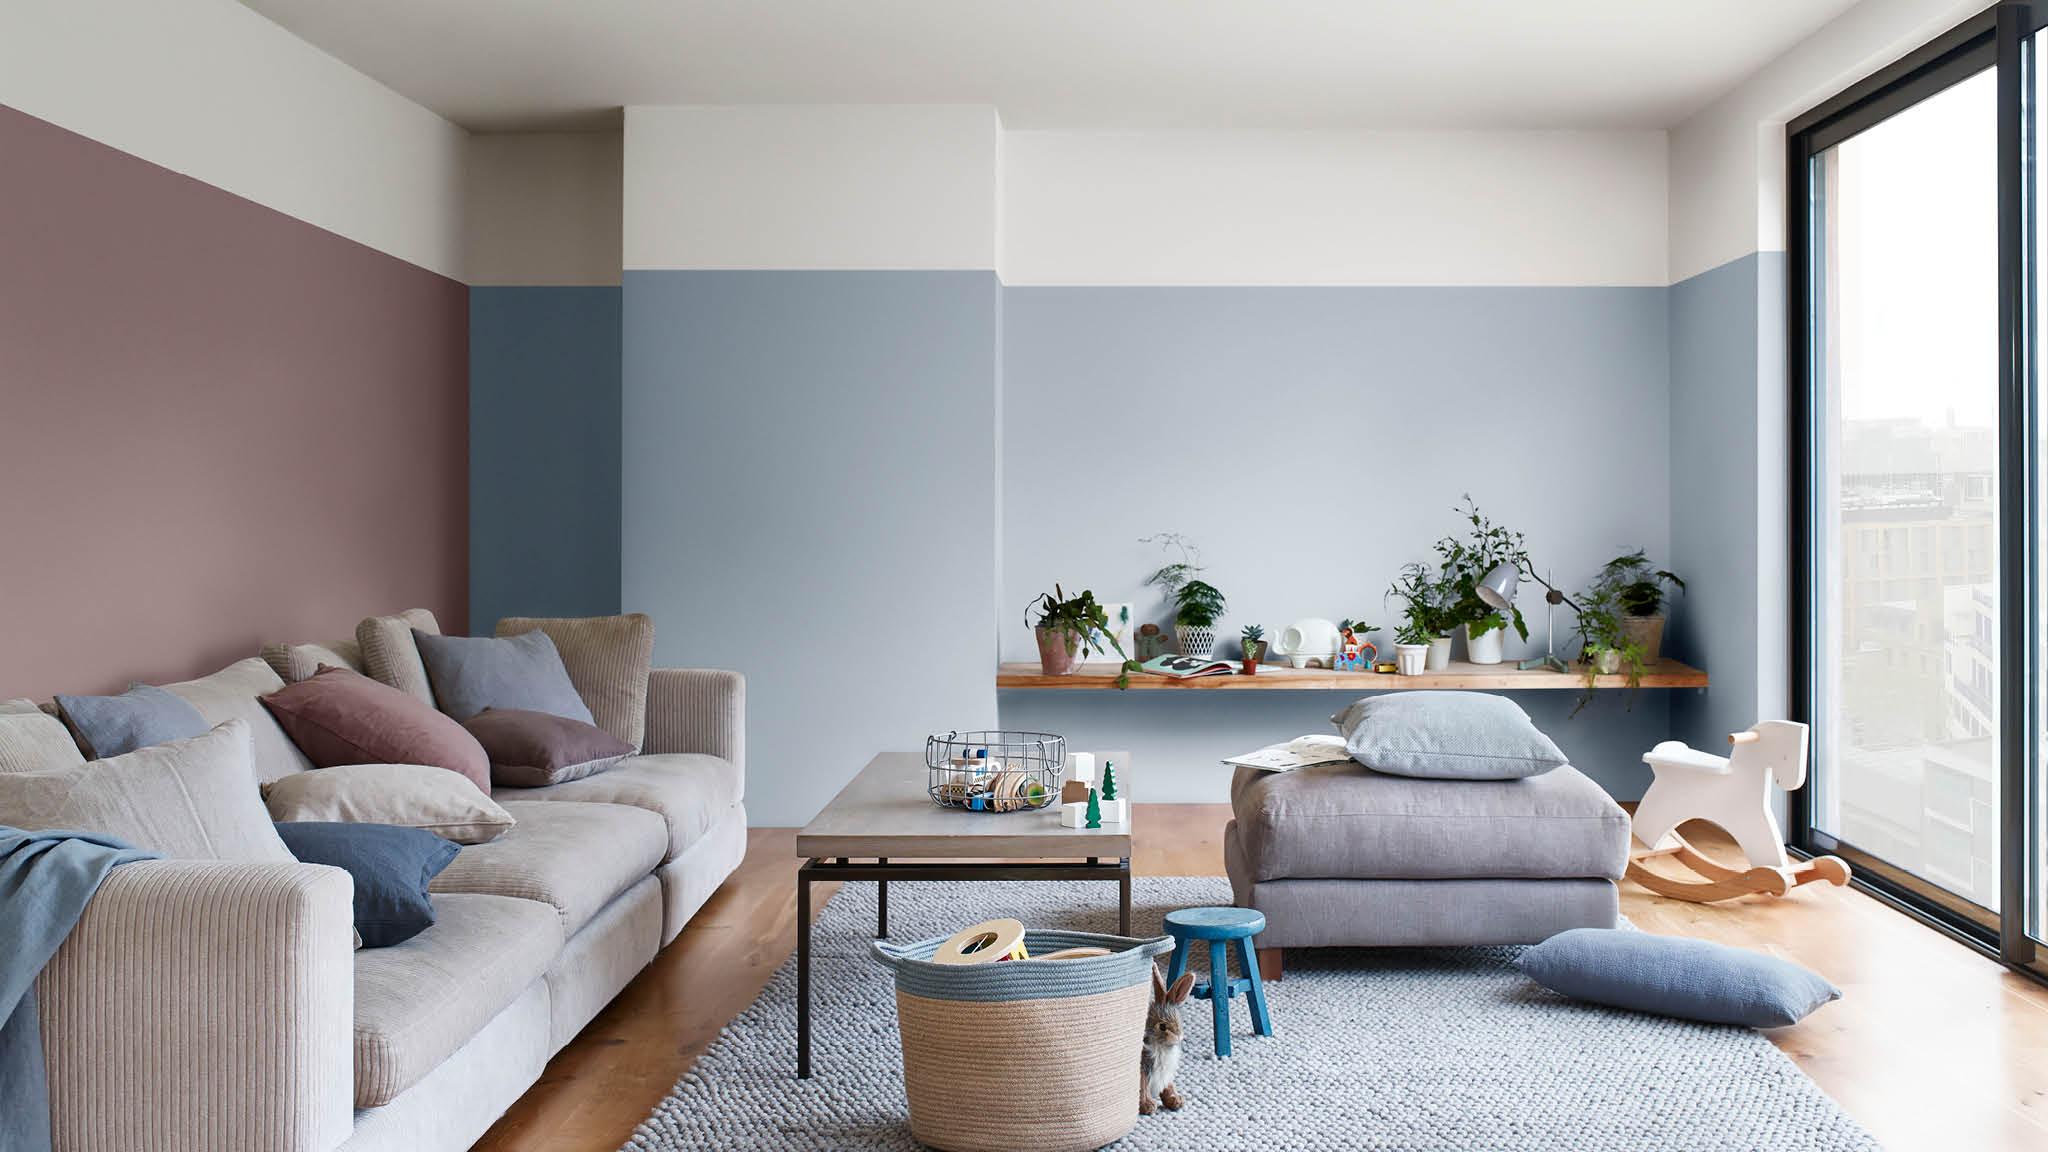 https://michiels-reusel.nl/wp-content/uploads/2018/01/4-woonkamer-in-de-kleuren-blauw-en-heart-wood.jpg